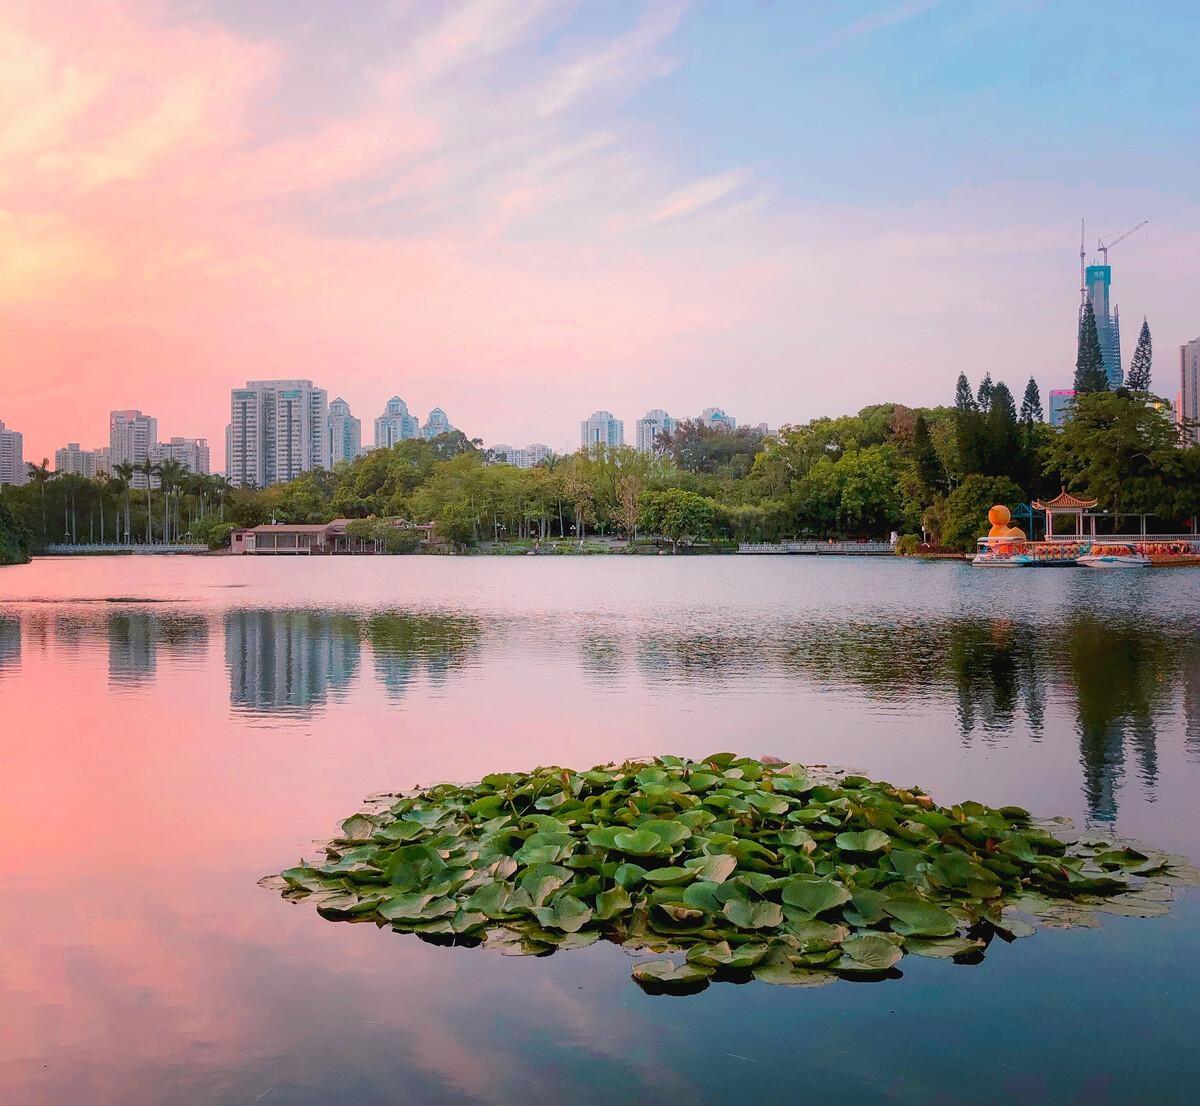 相约深圳网红艺术馆,漫步荔枝公园